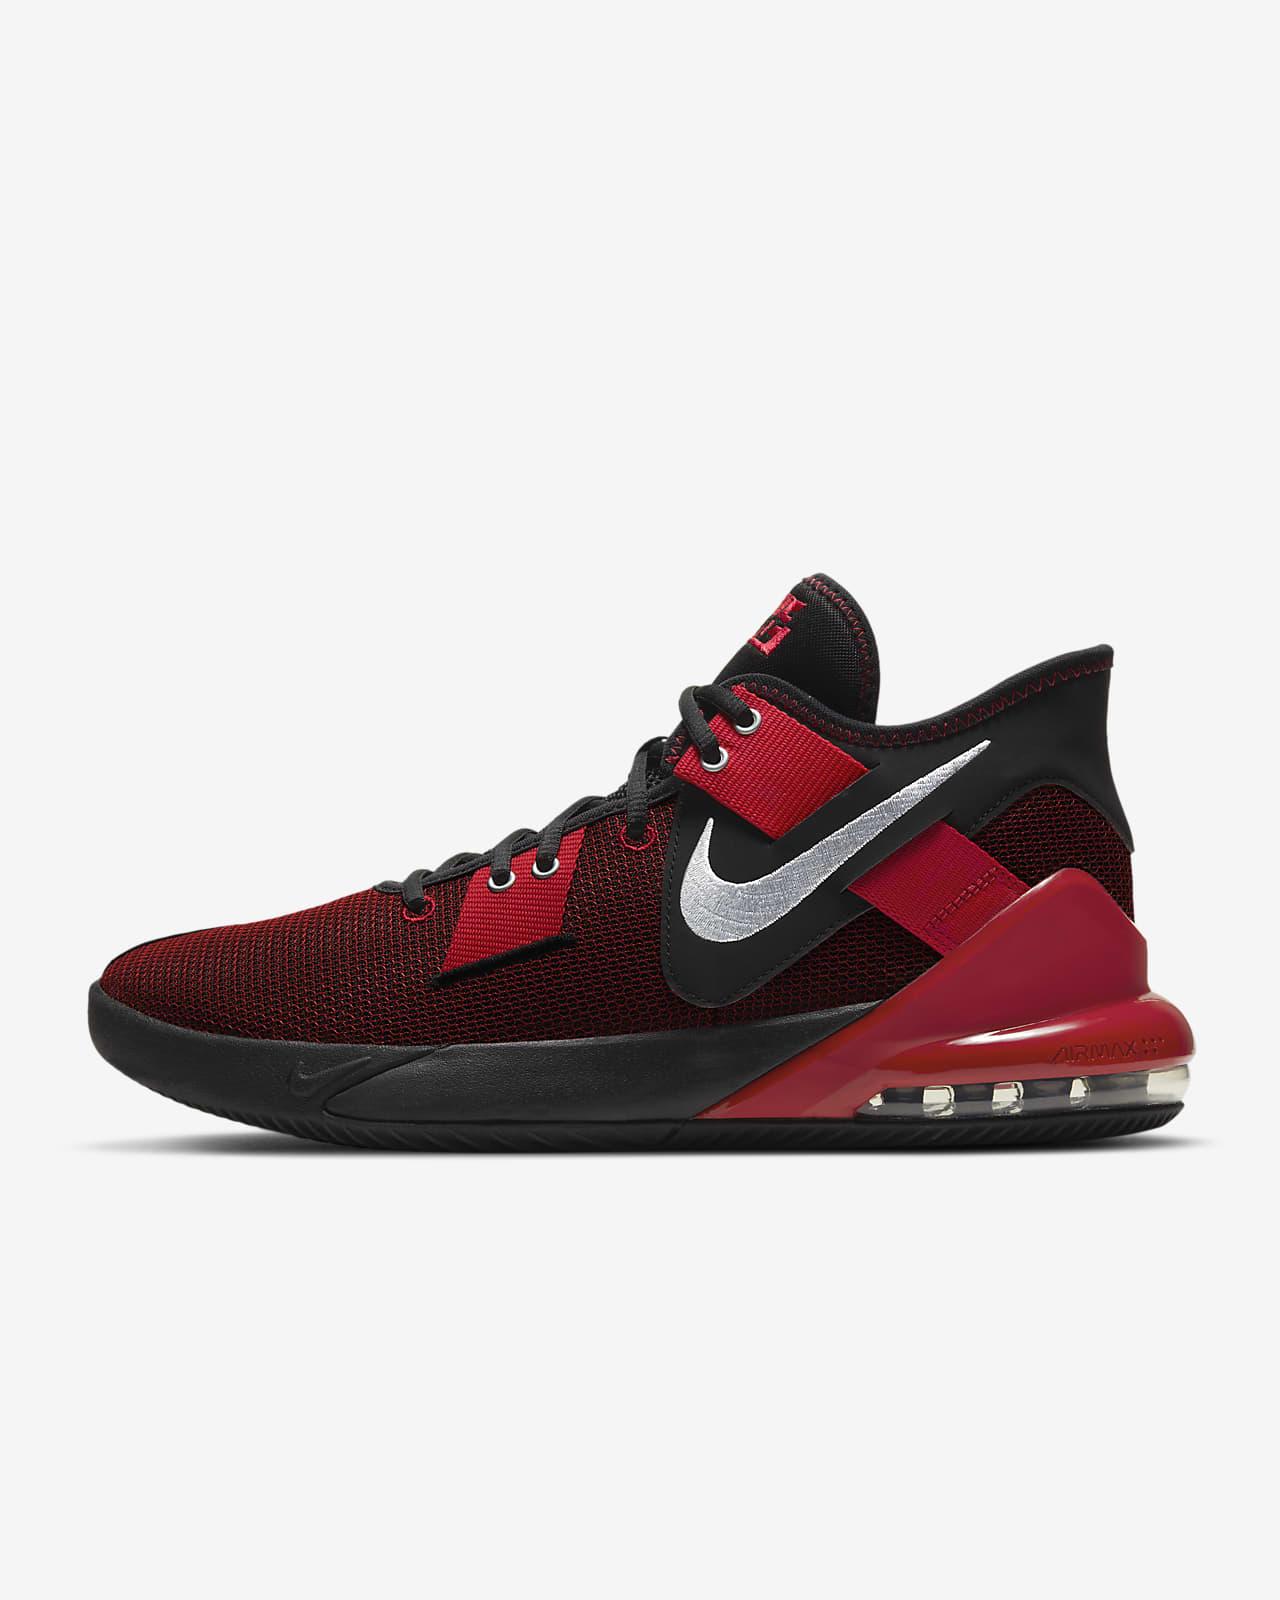 รองเท้าบาสเก็ตบอล Nike Air Max Impact 2